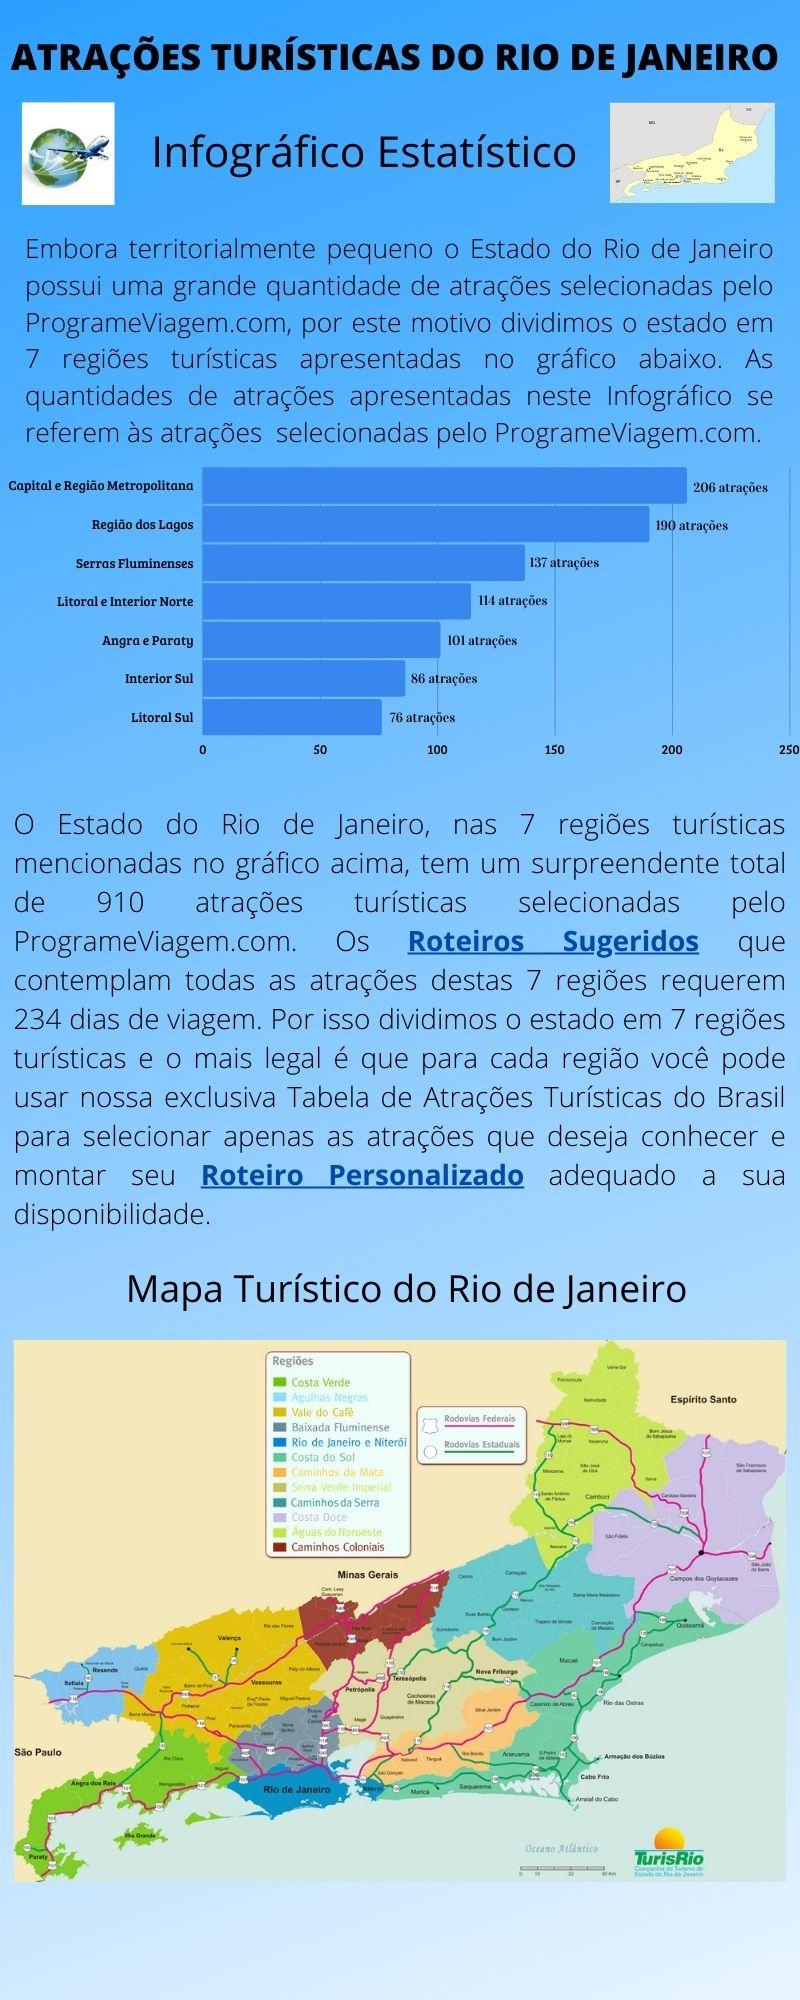 Infográfico Atrações Turísticas do Rio de Janeiro 1